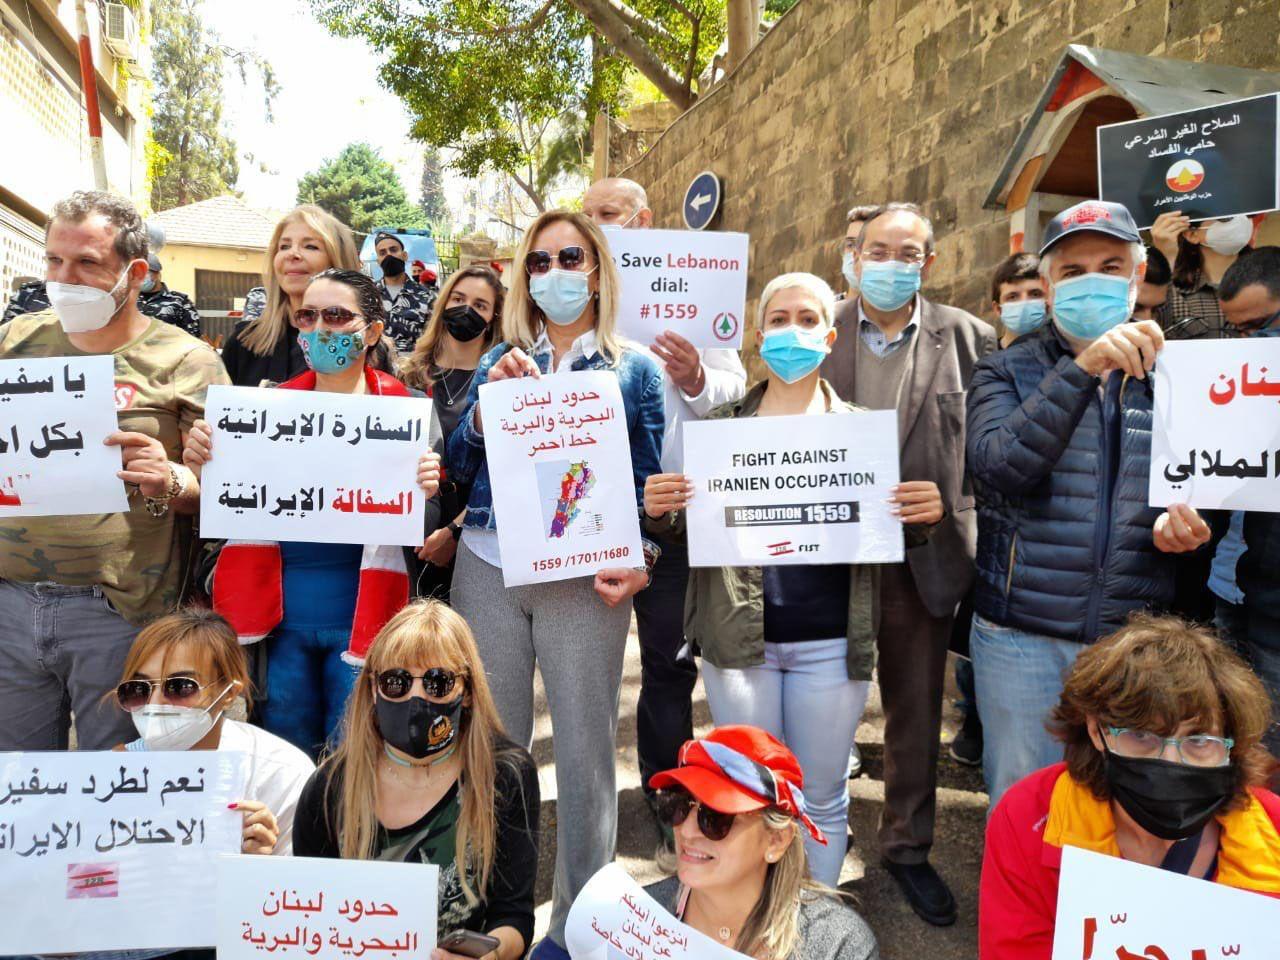 """مجموعات من """"الحراك المدني"""" تطالب بقطع العلاقات مع إيران وطرد سفيرها من لبنان"""